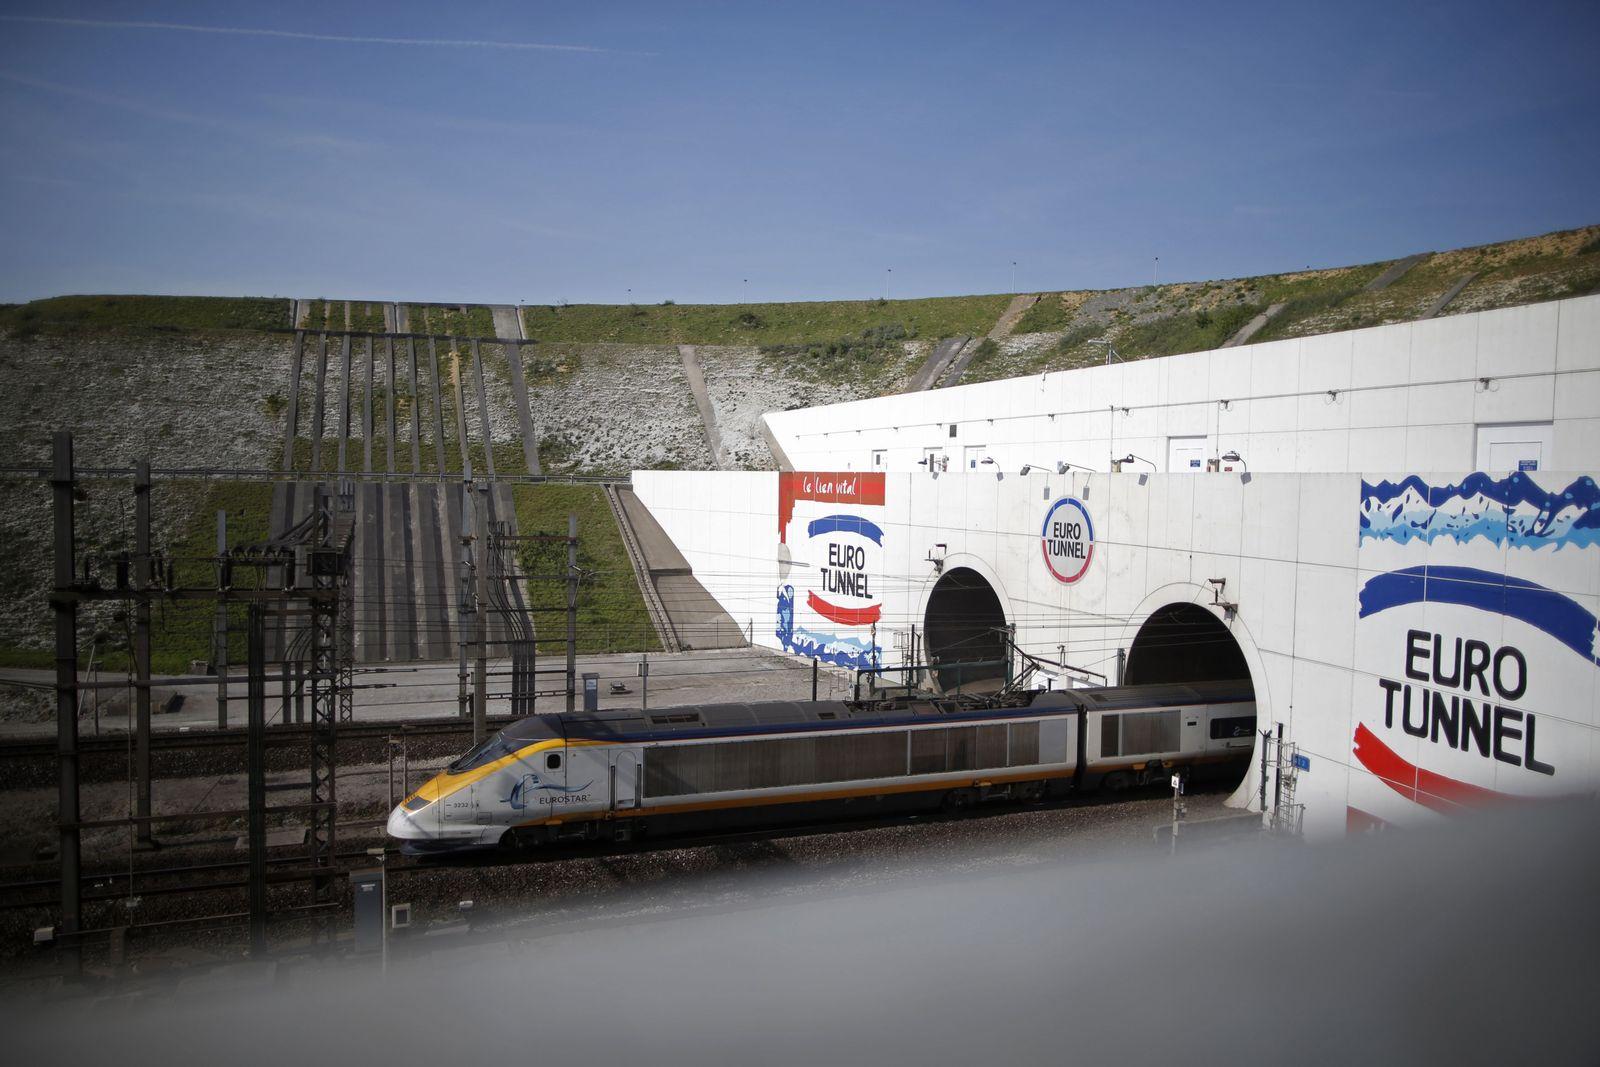 Eurotunnel / Die längesten Tunnel der Welt